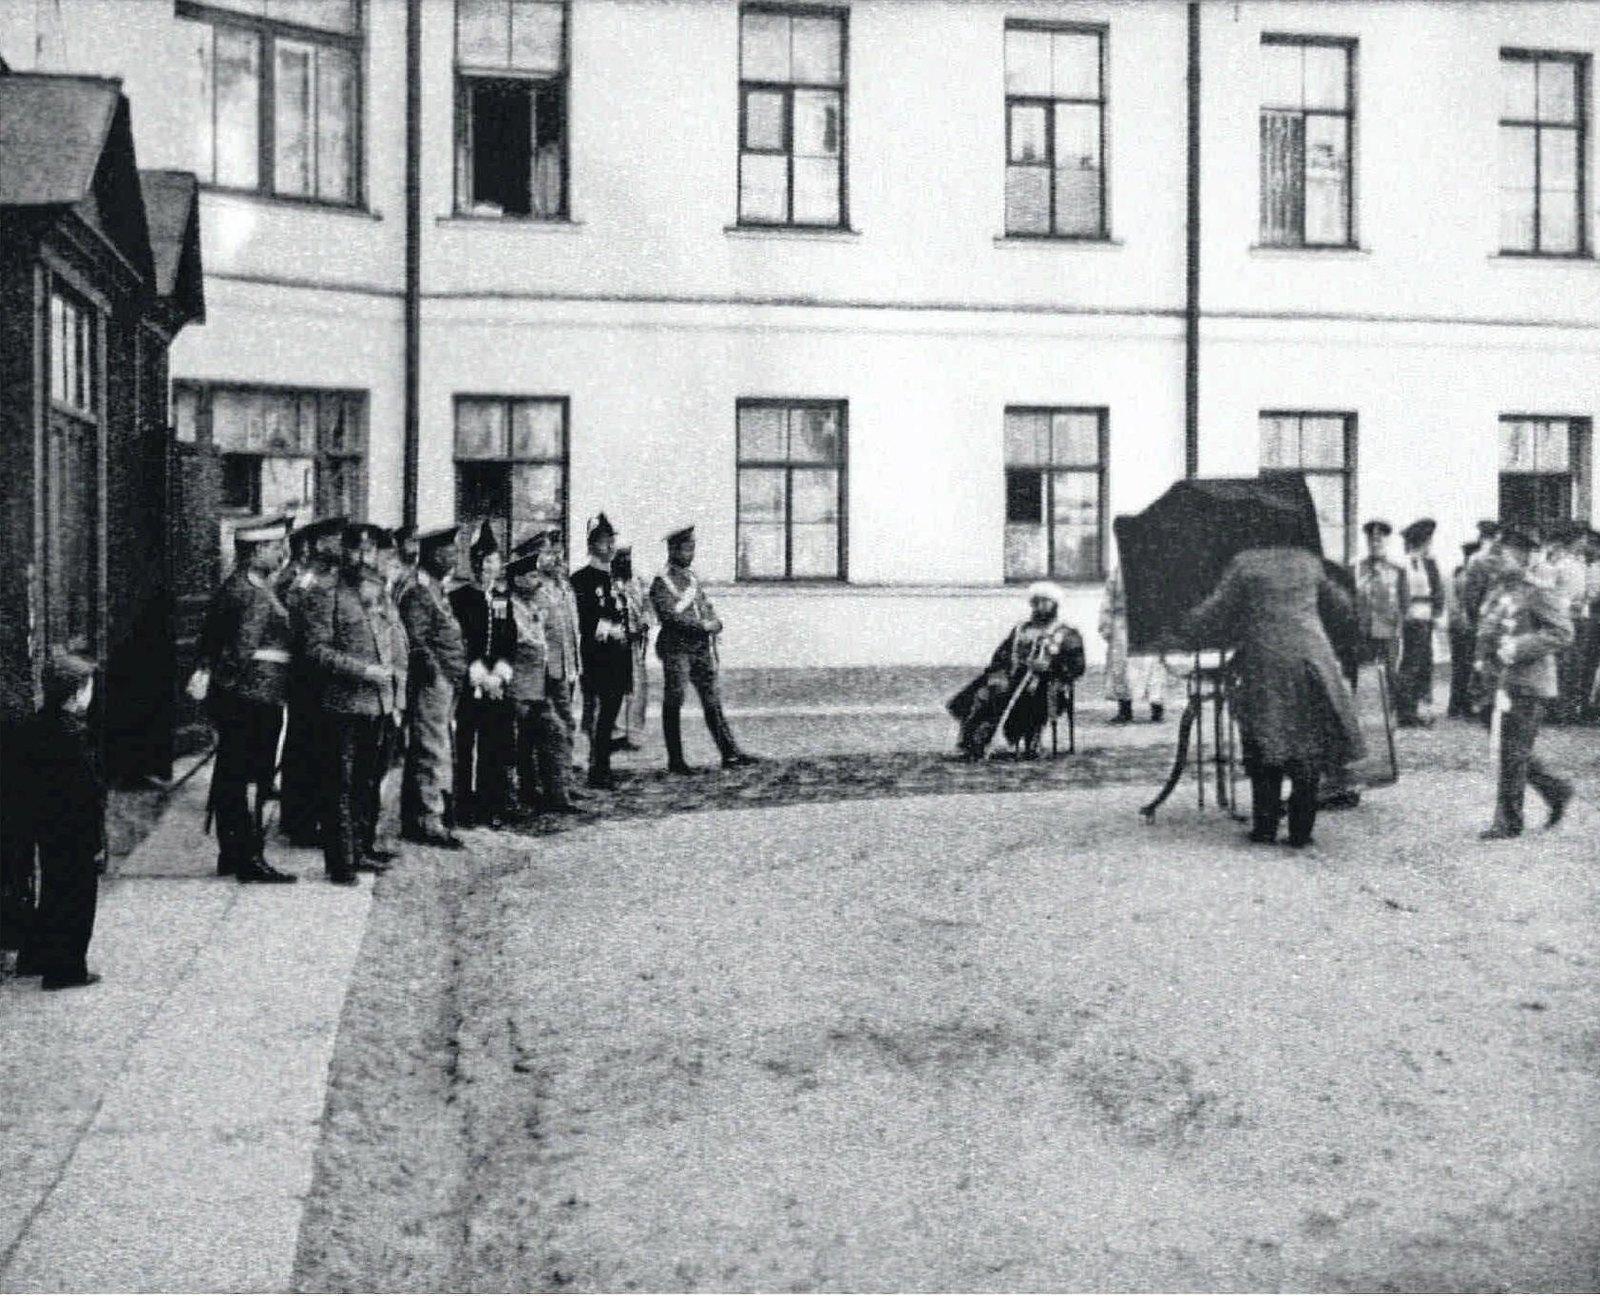 1911 Фотограф снимает Саида Алима Эмира Бухарского во внутреннем дворе морского корпуса